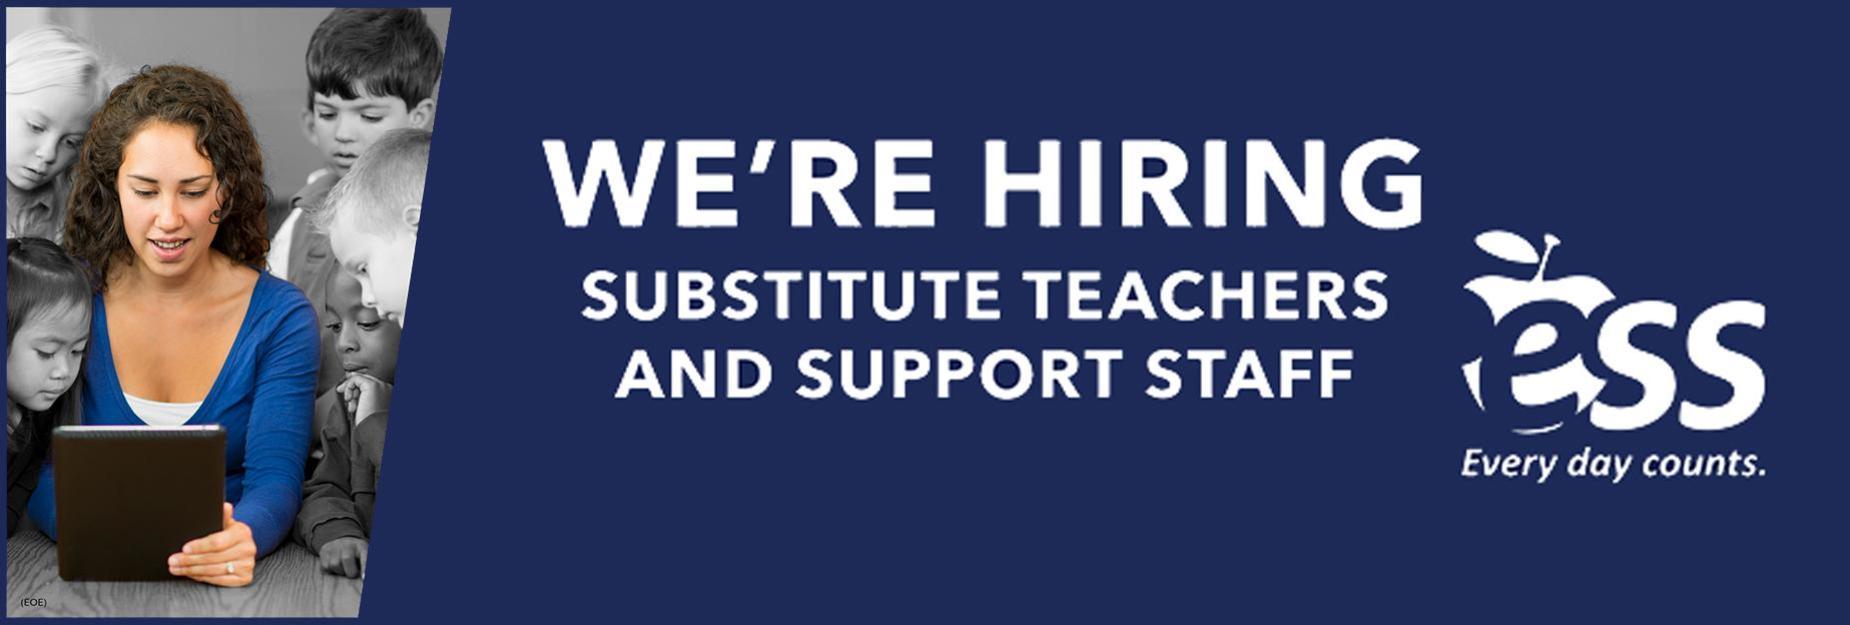 Ess substitute hiring